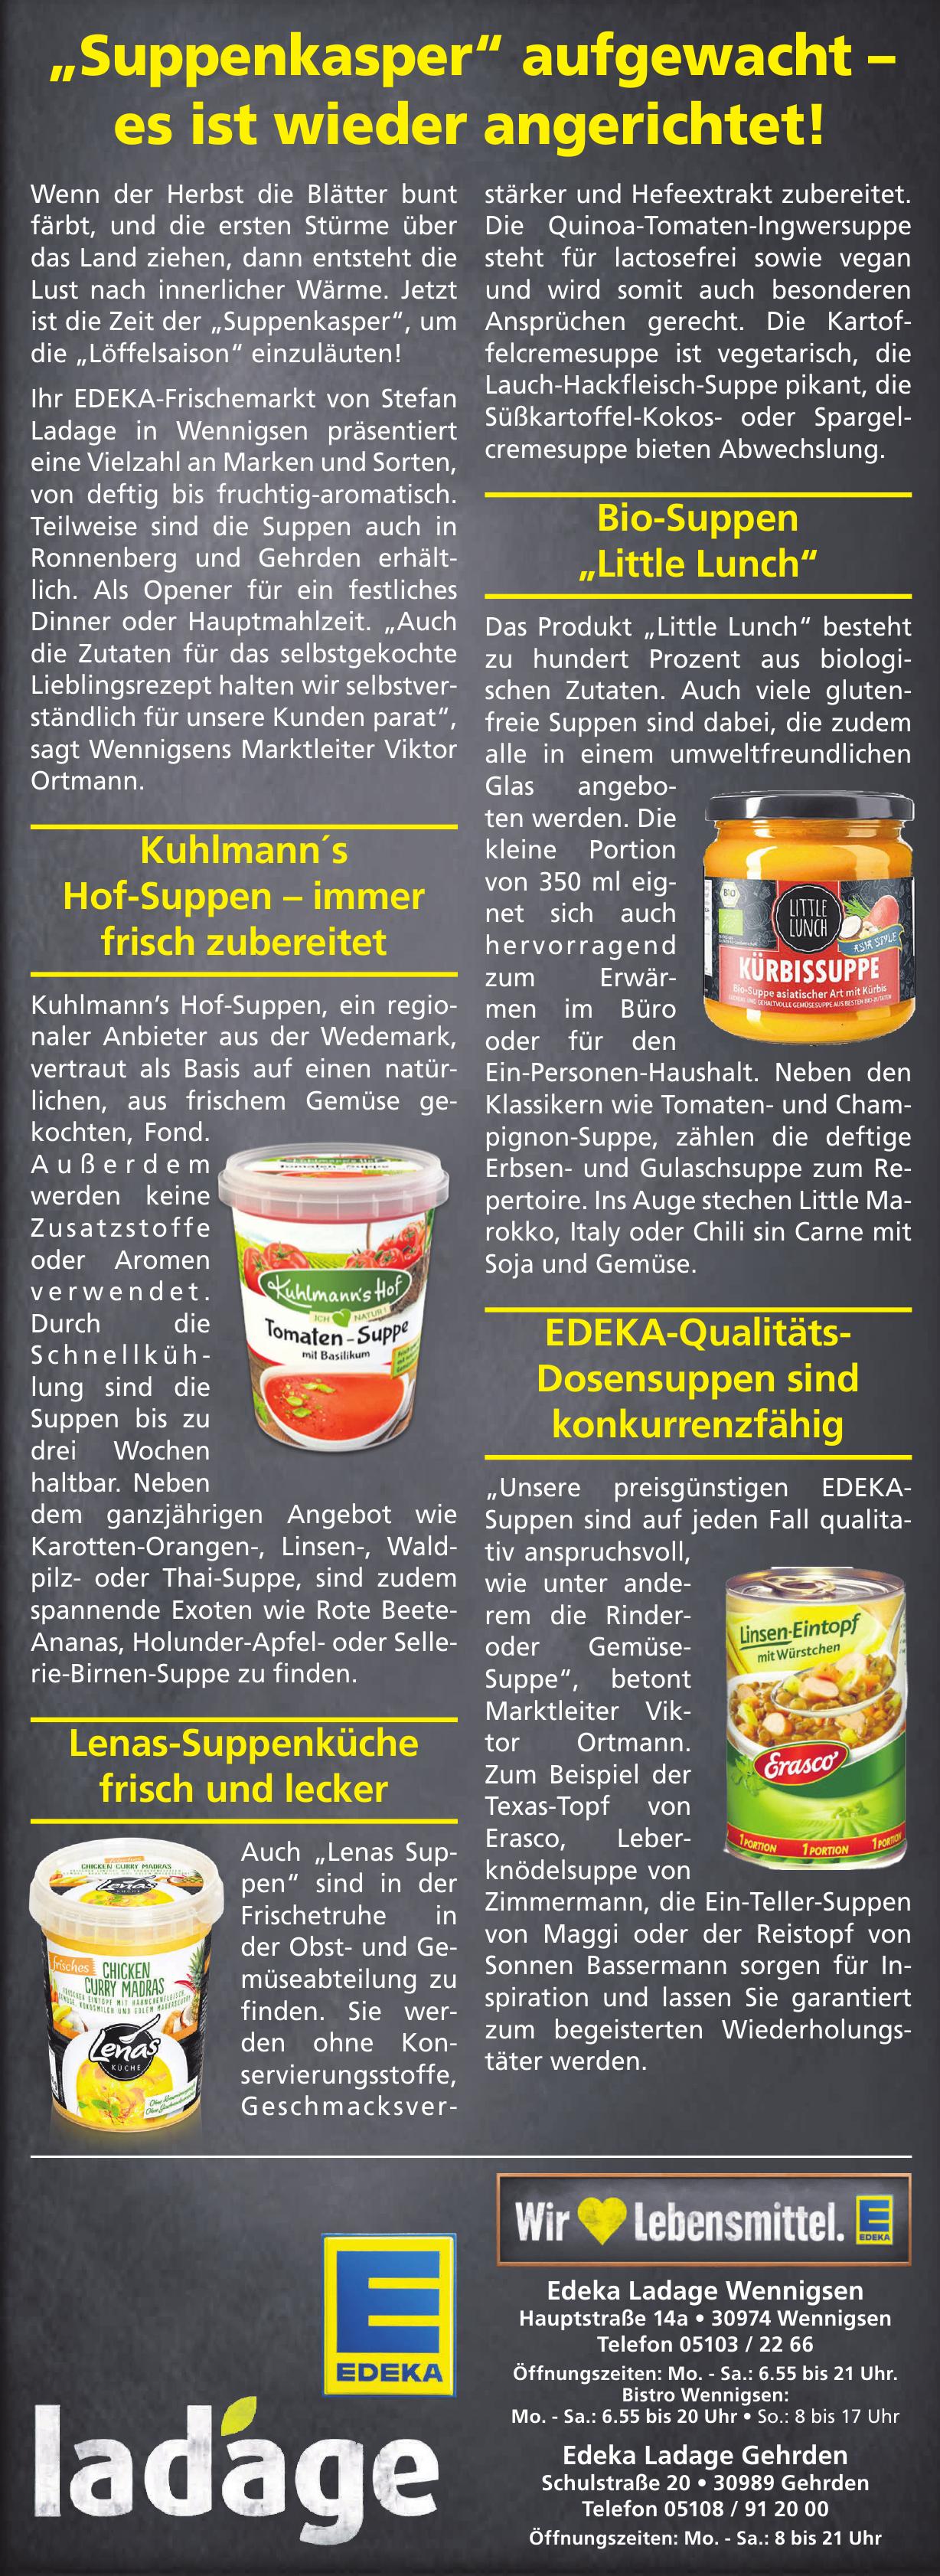 Edeka Ladage Wennigsen